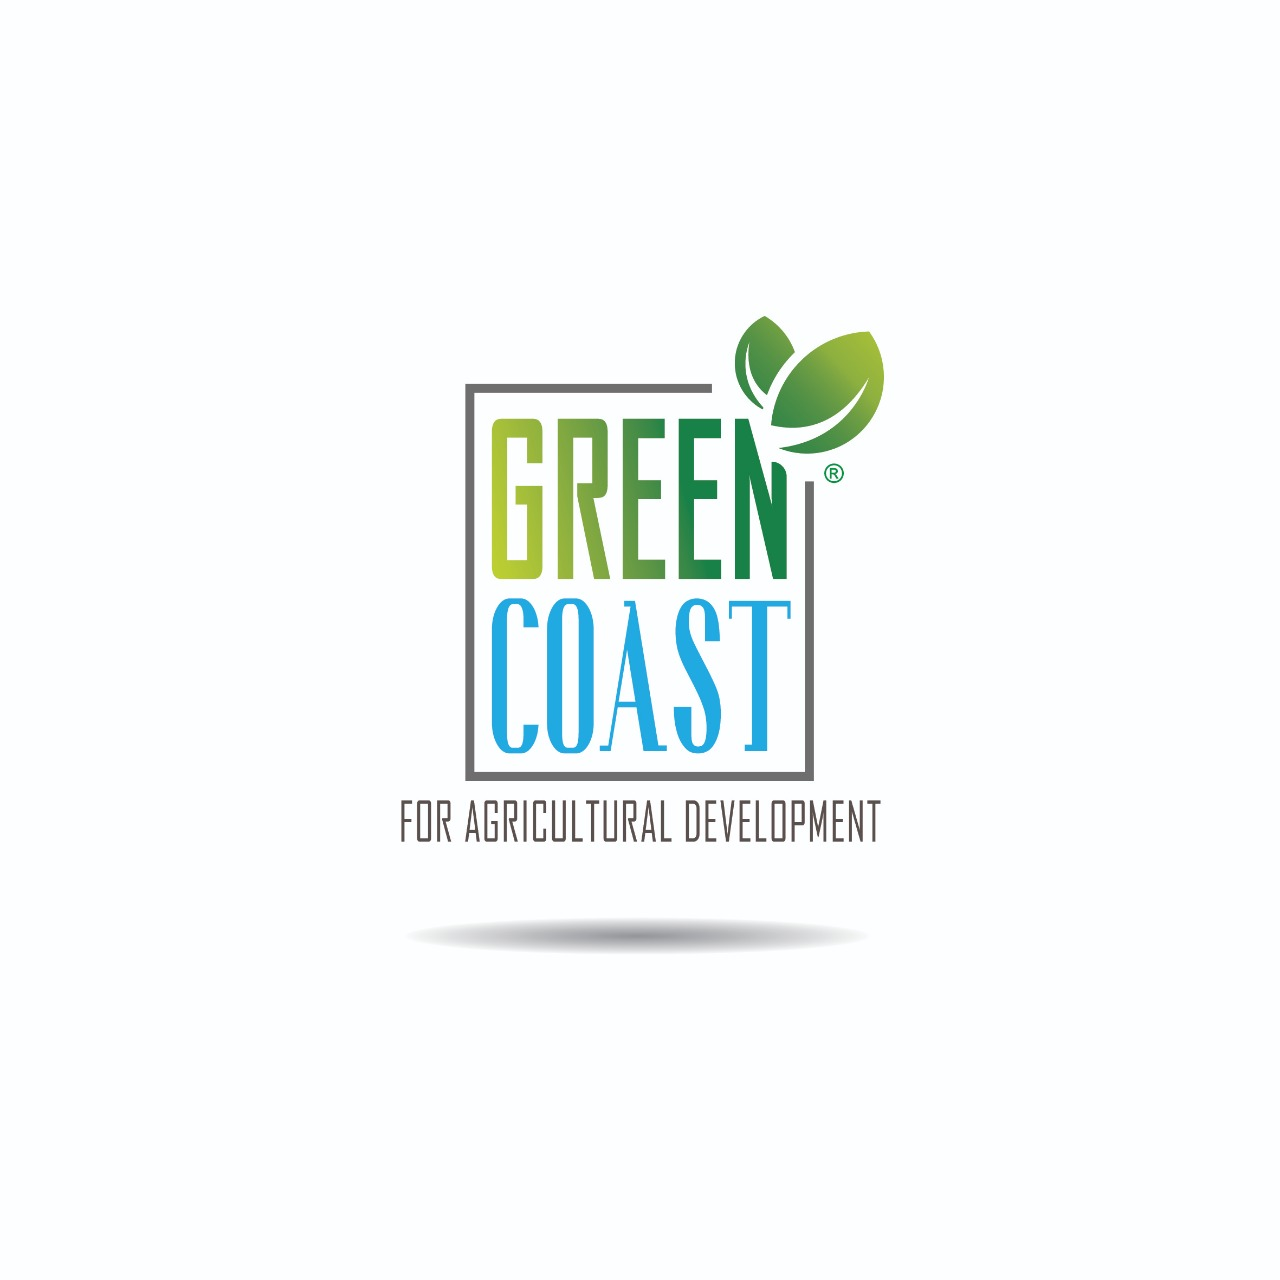 لوجو جرين كوست للتنمية الزراعية